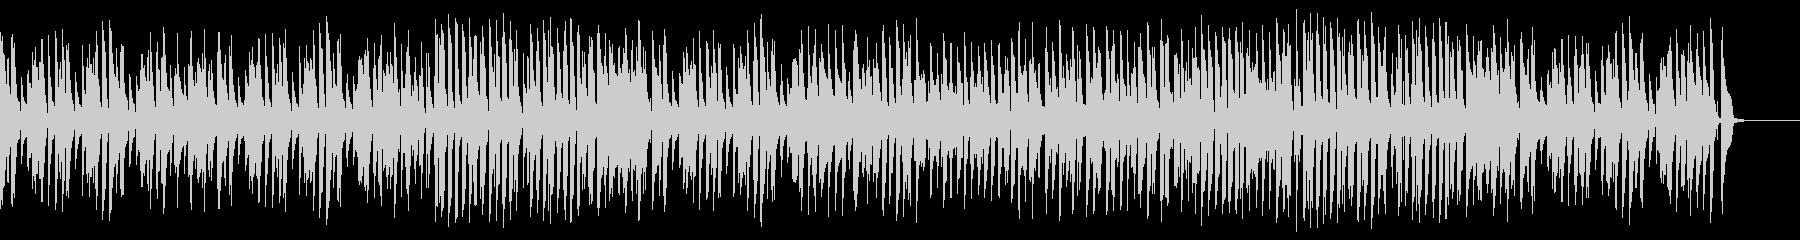 気軽でウキウキお洒落ジャズピアノの未再生の波形